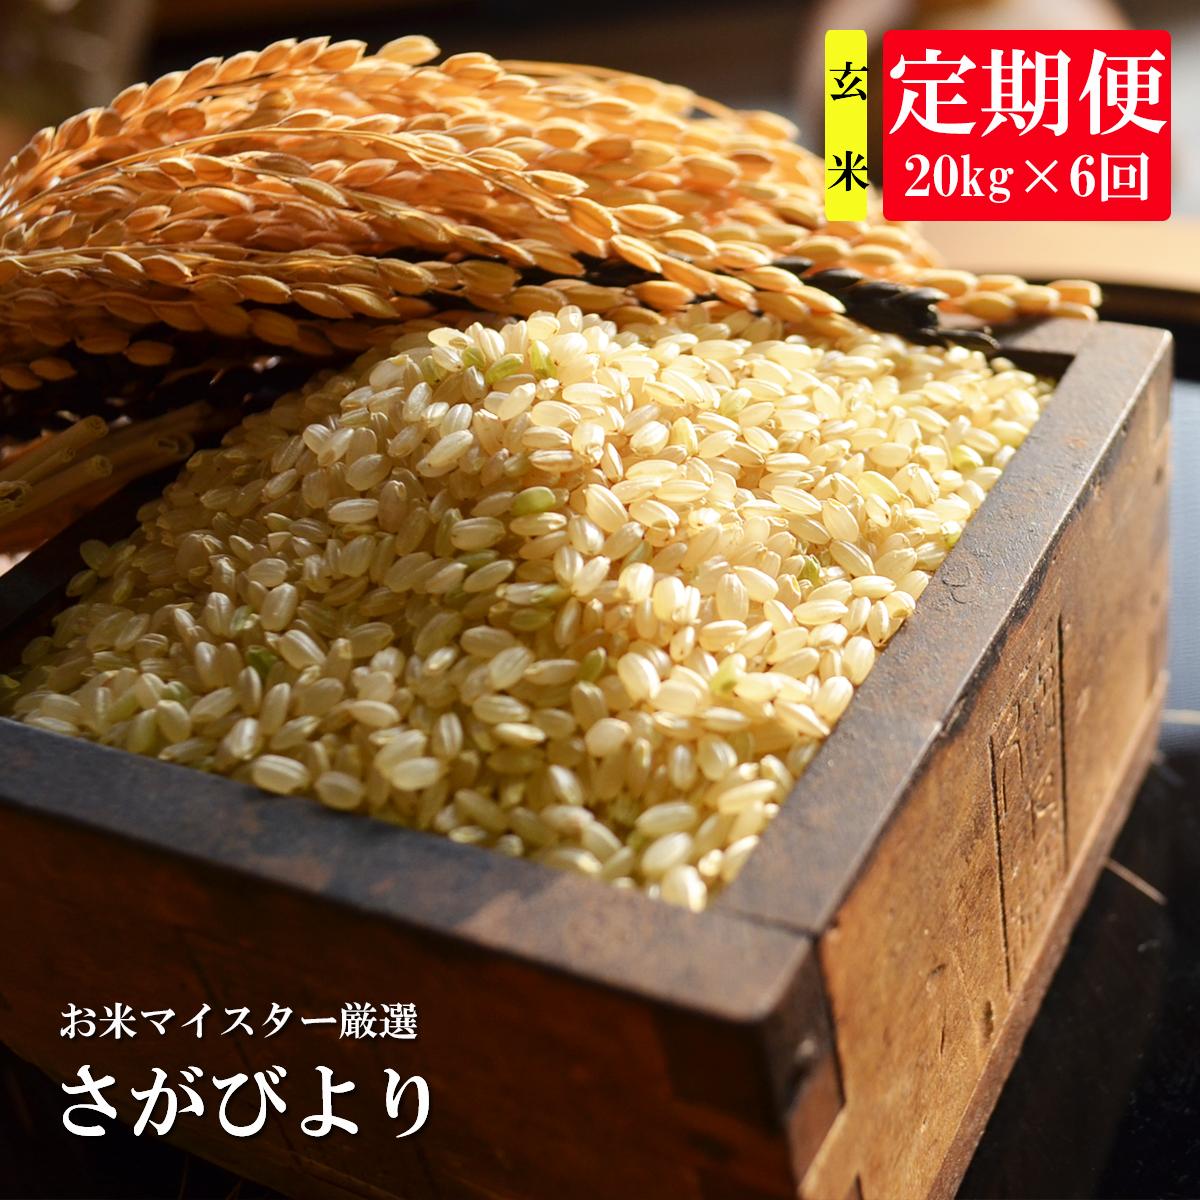 【ふるさと納税】R-2【特A・1等米】《6ヶ月定期便》鹿島市産さがびより 玄米(毎月20kg×6回)